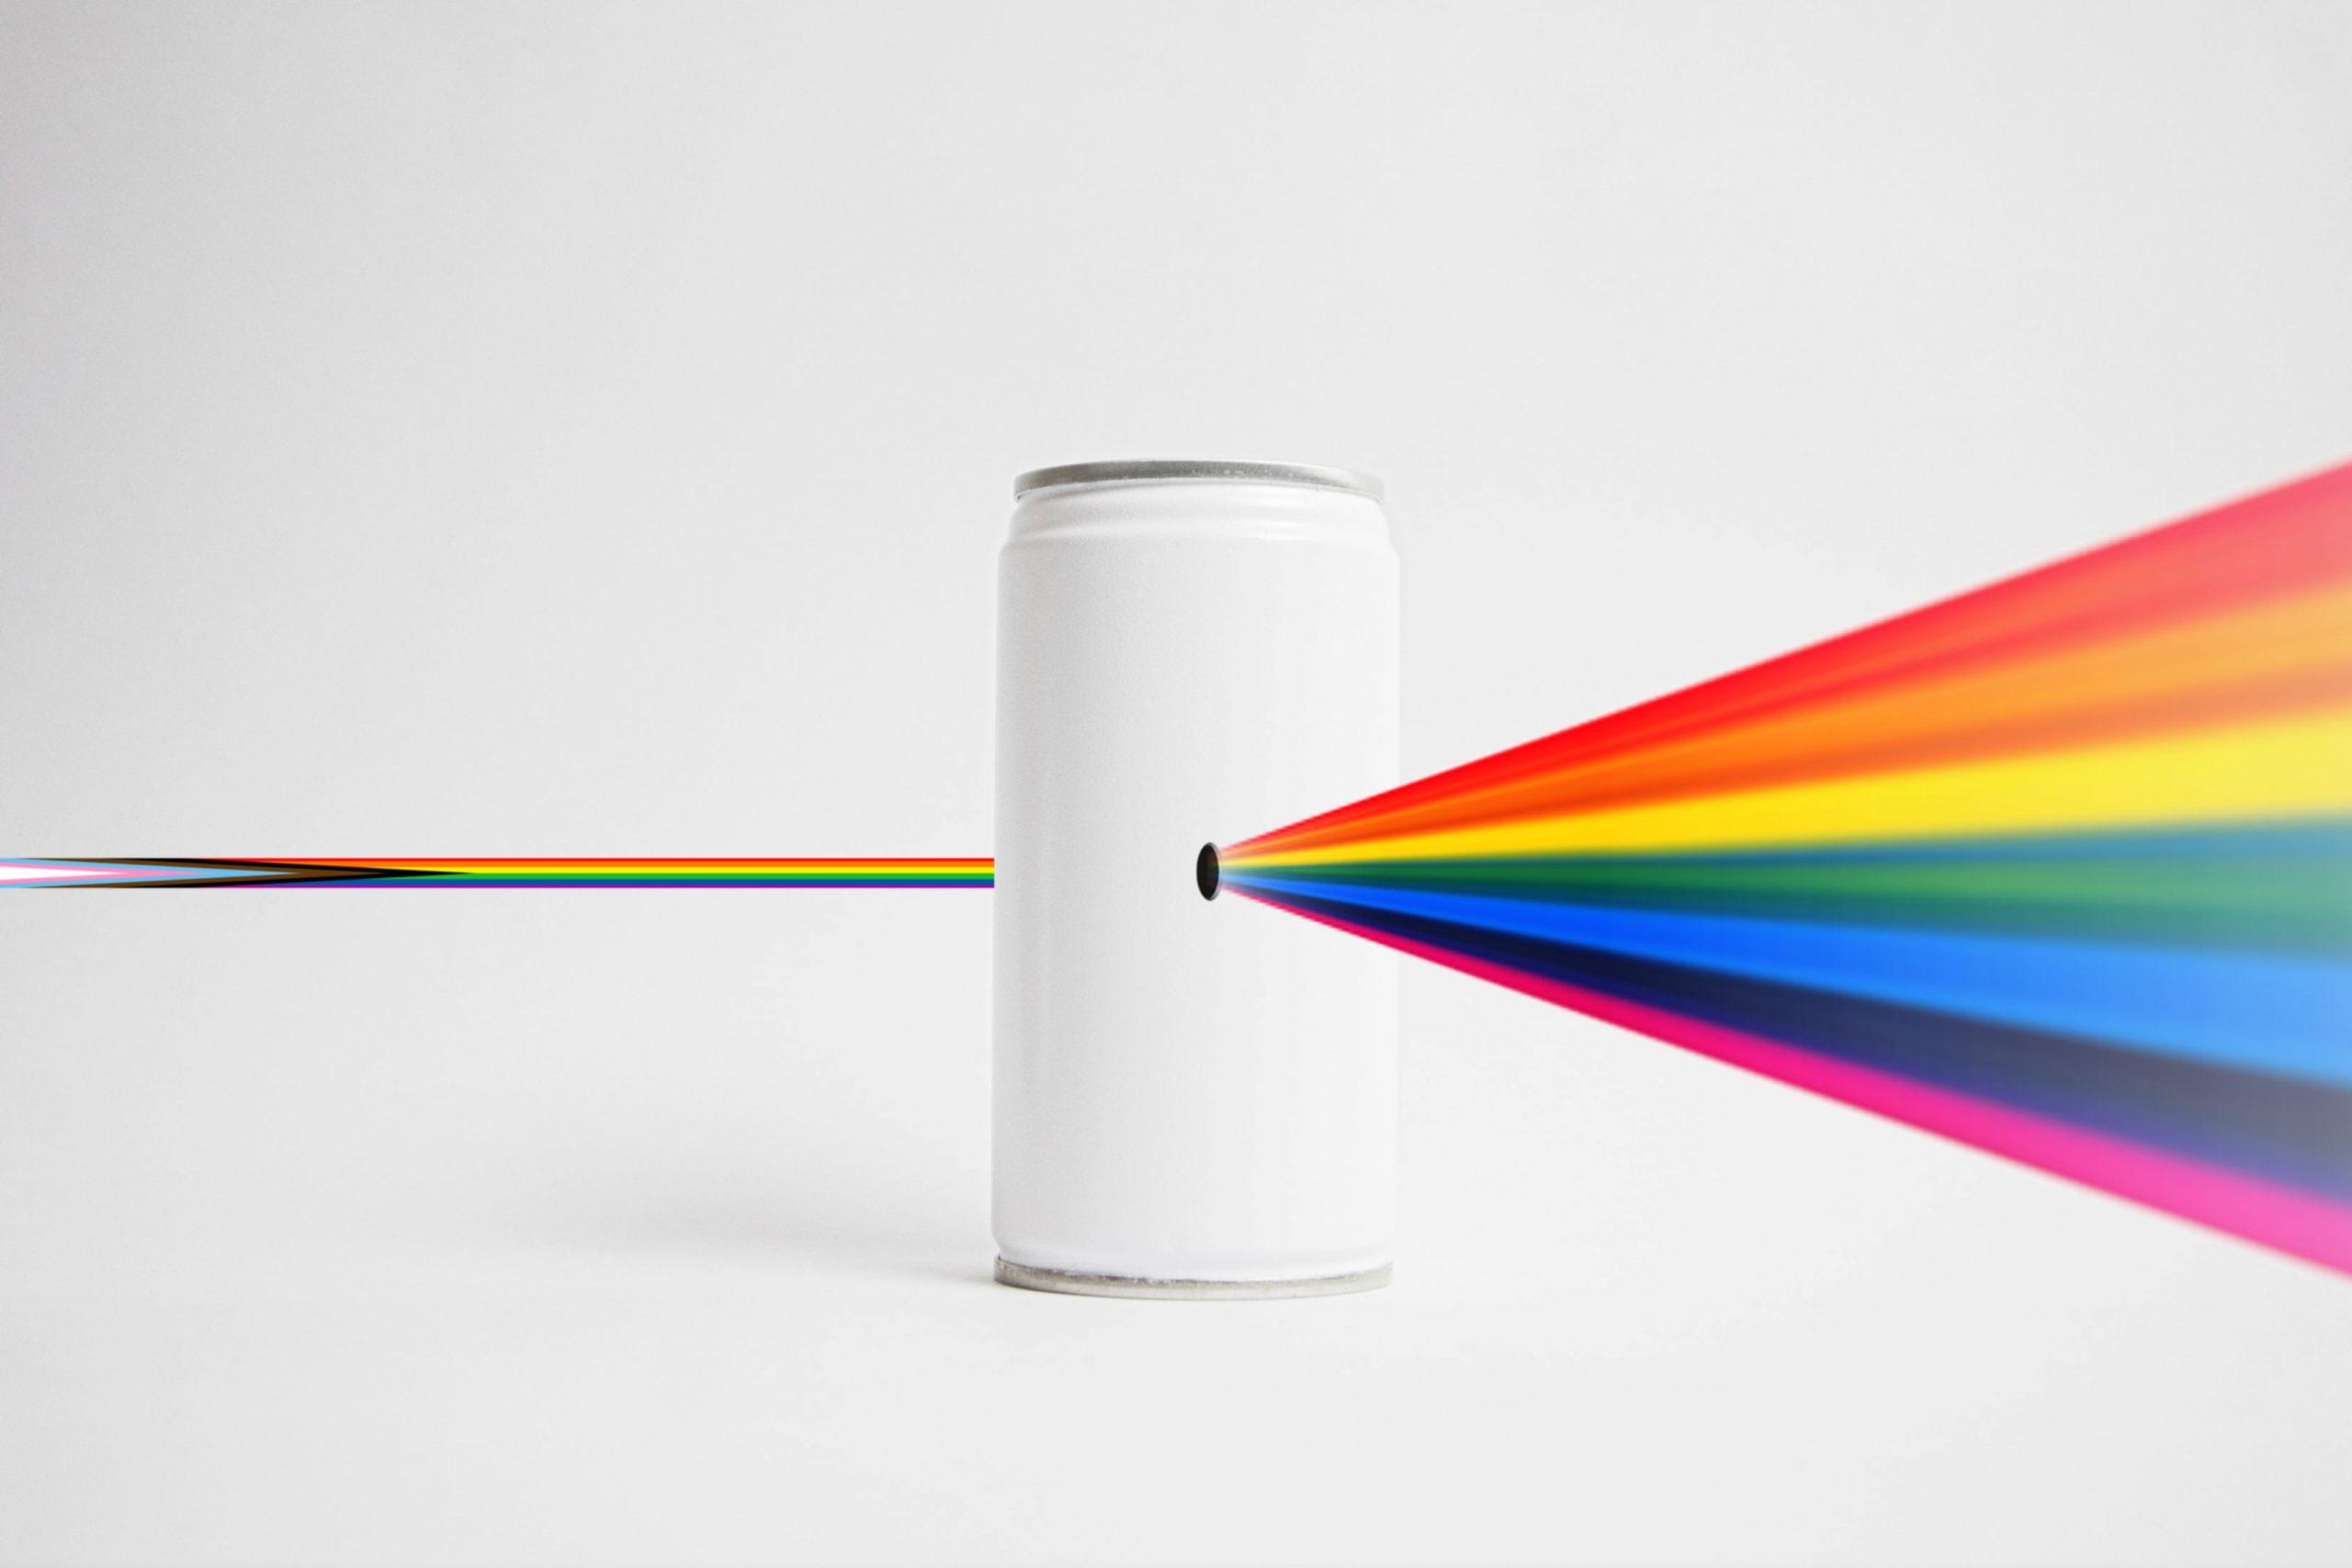 Menos marketing colorido y más responsabilidad diversa